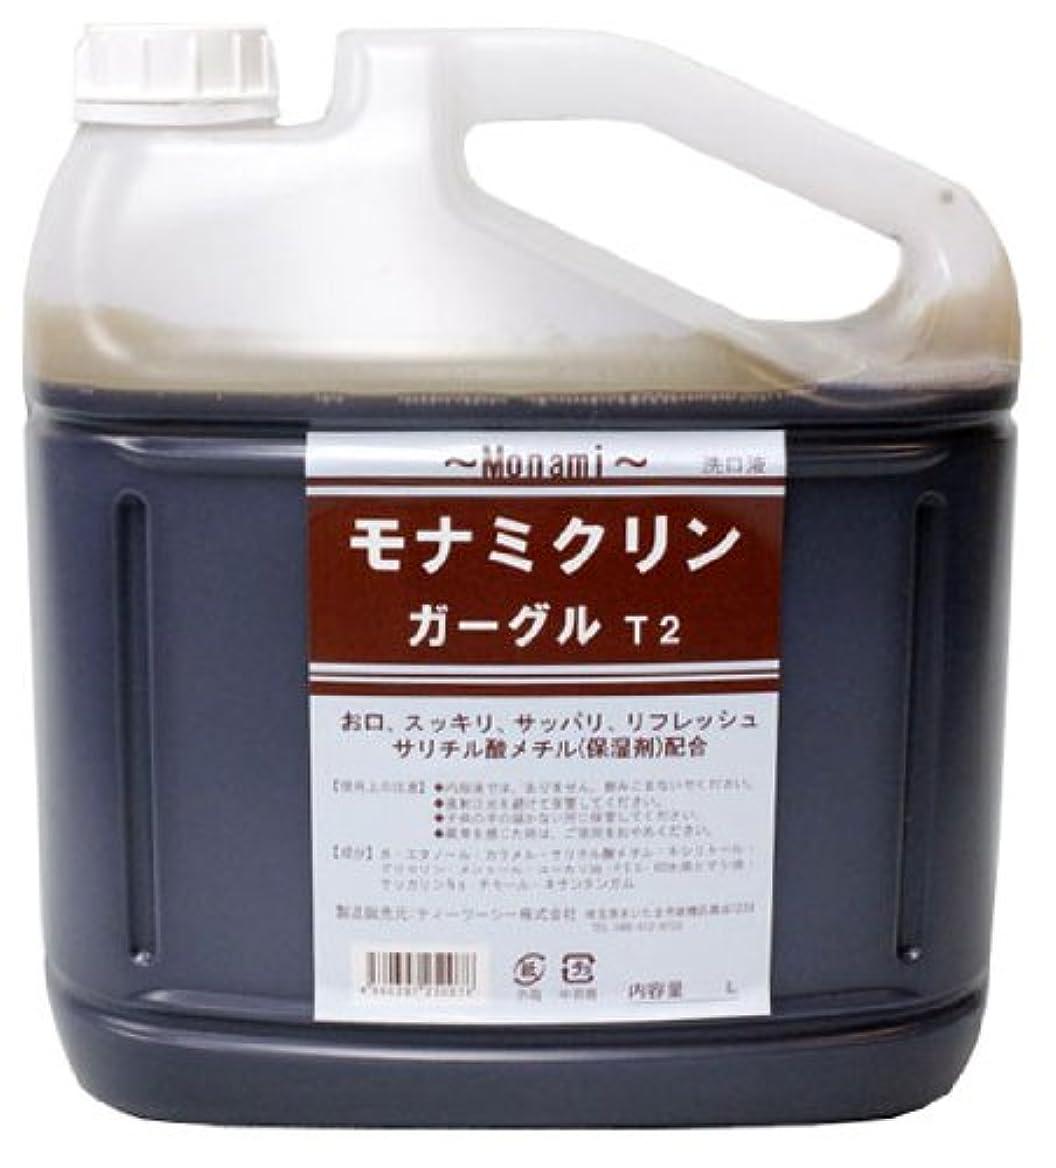 意欲レタッチピストル【業務用】モナミ クリンガーグルT2 5リットル サリチル酸メチル配合